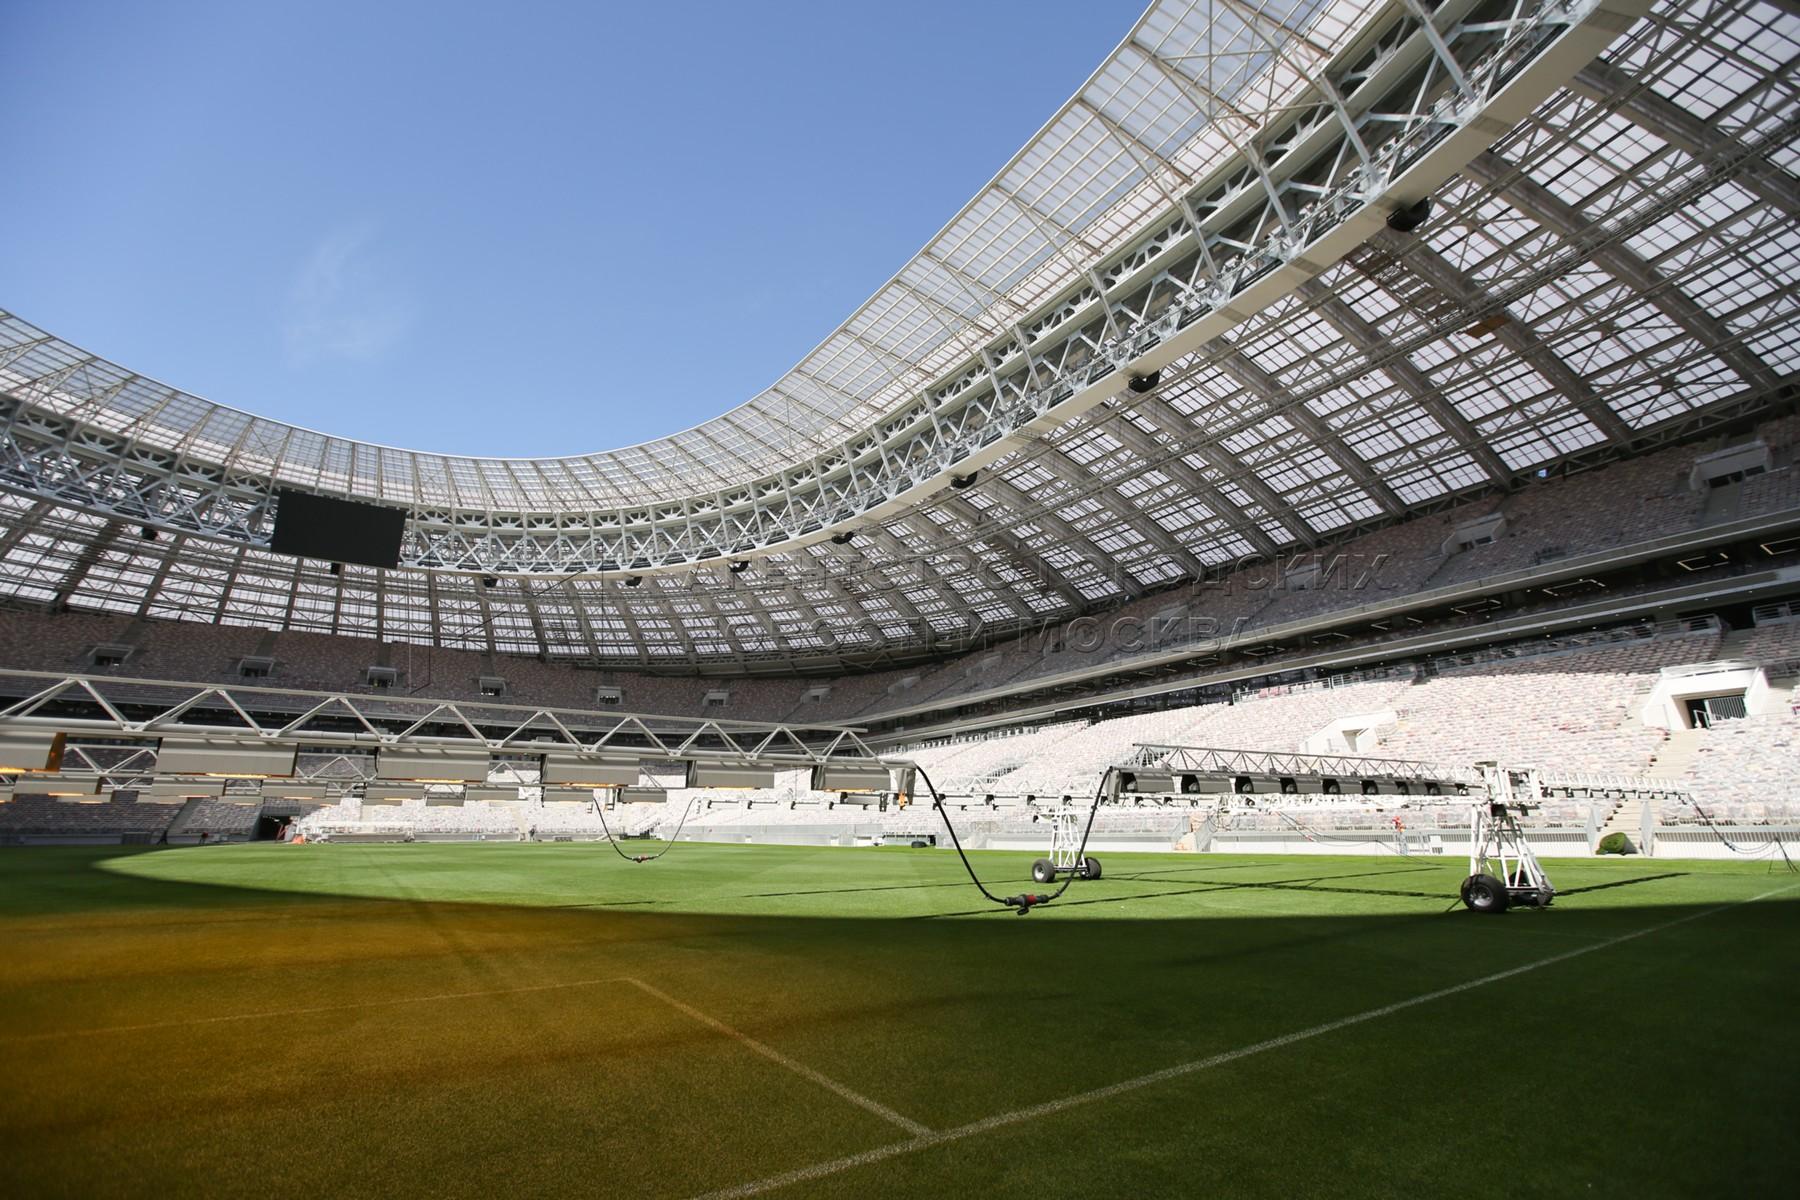 Автор: Зыков Кирилл. Главный стадион чемпионата мира по футболу 2018 года - большая спортивная арена «Лужники».